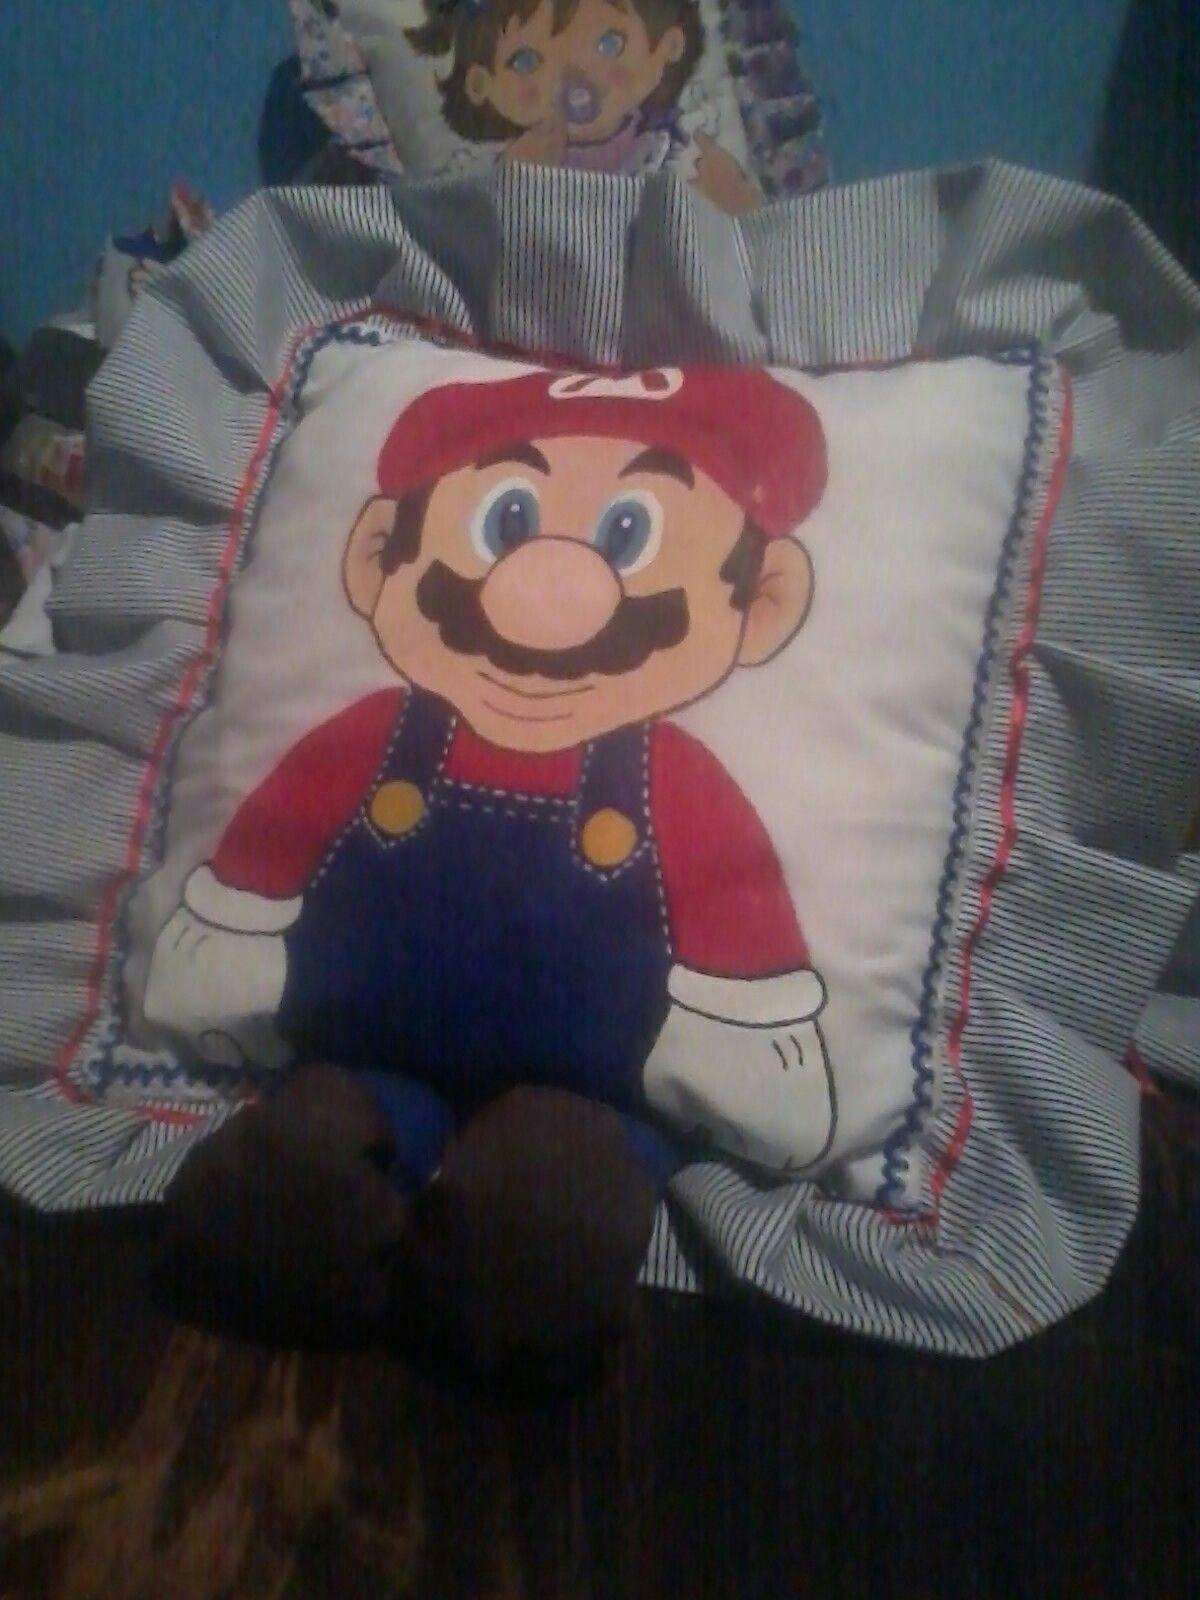 Mario Bros almohada de personaje.Artesanías El rinconcito, Miramar, Puntarenas Costa Rica